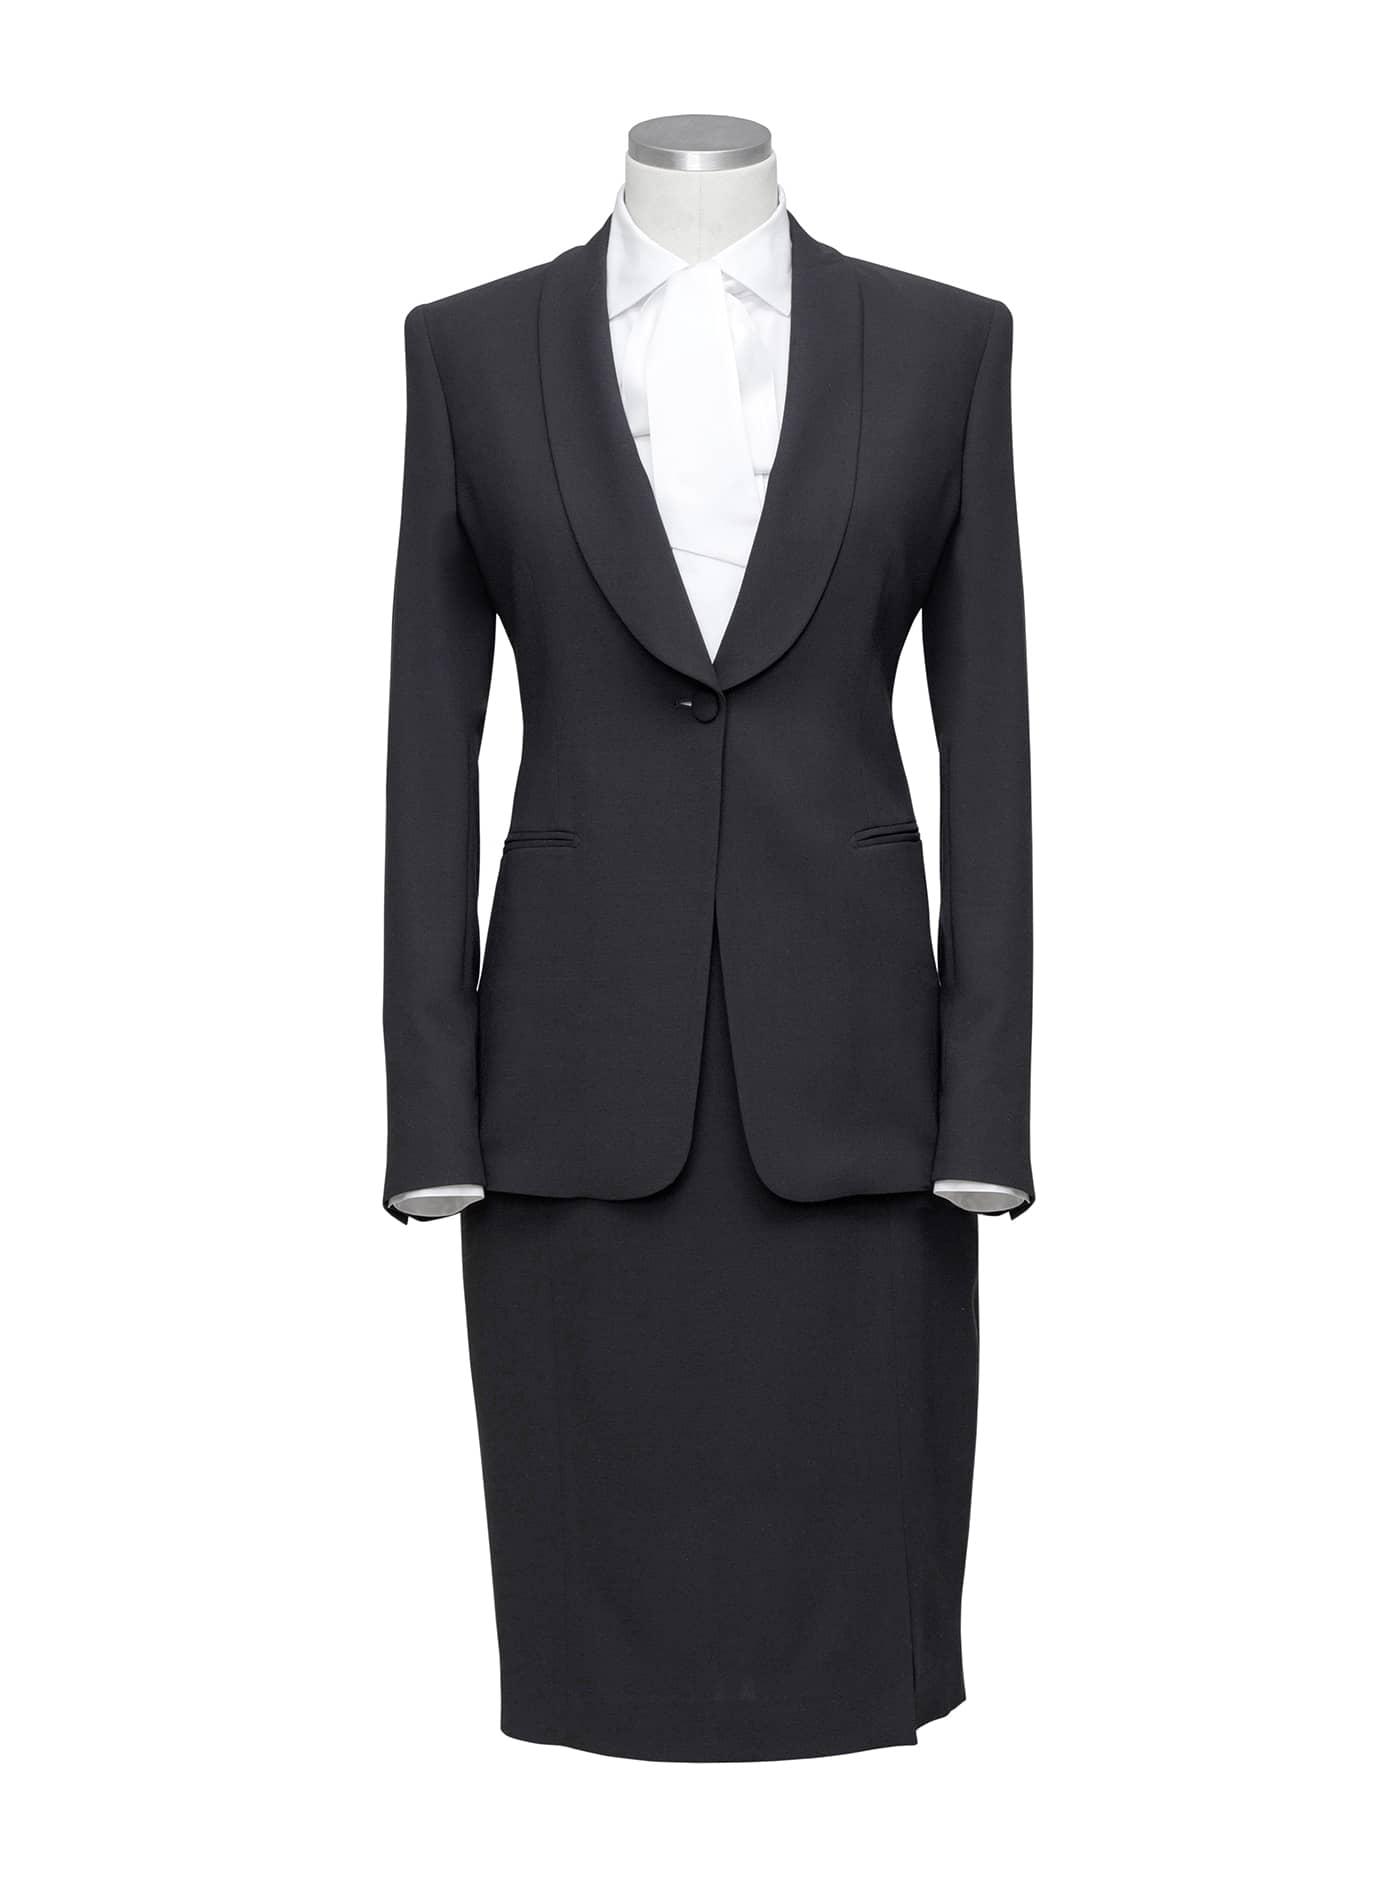 Spiksplinternieuw Zwart Kostuum met Rok Kopen? Dameskostuums Op Maat - Zakelijke TS-46